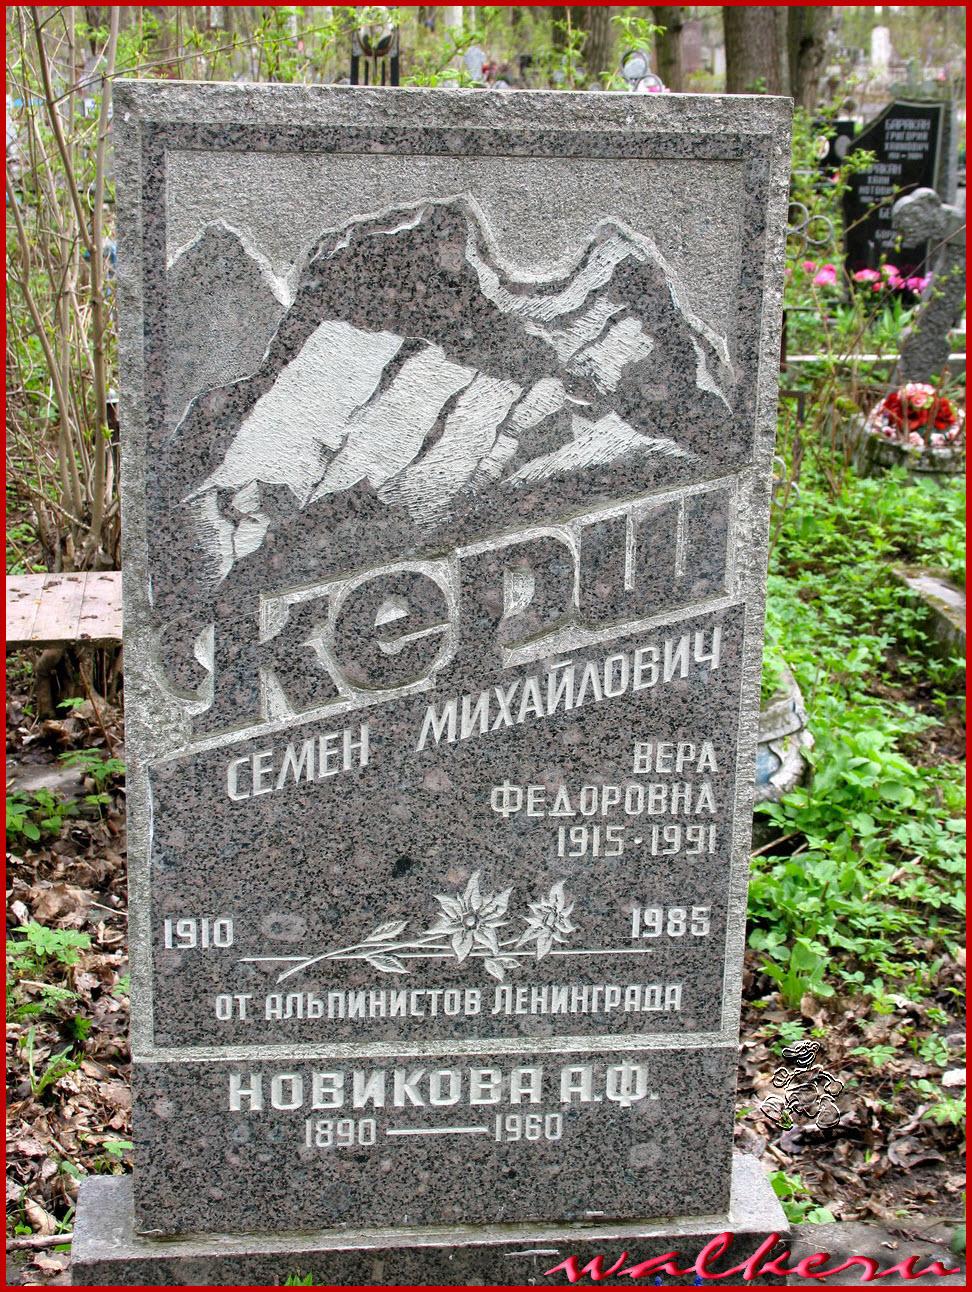 Могила Керш С.М. на Ново-Волковском кладбище